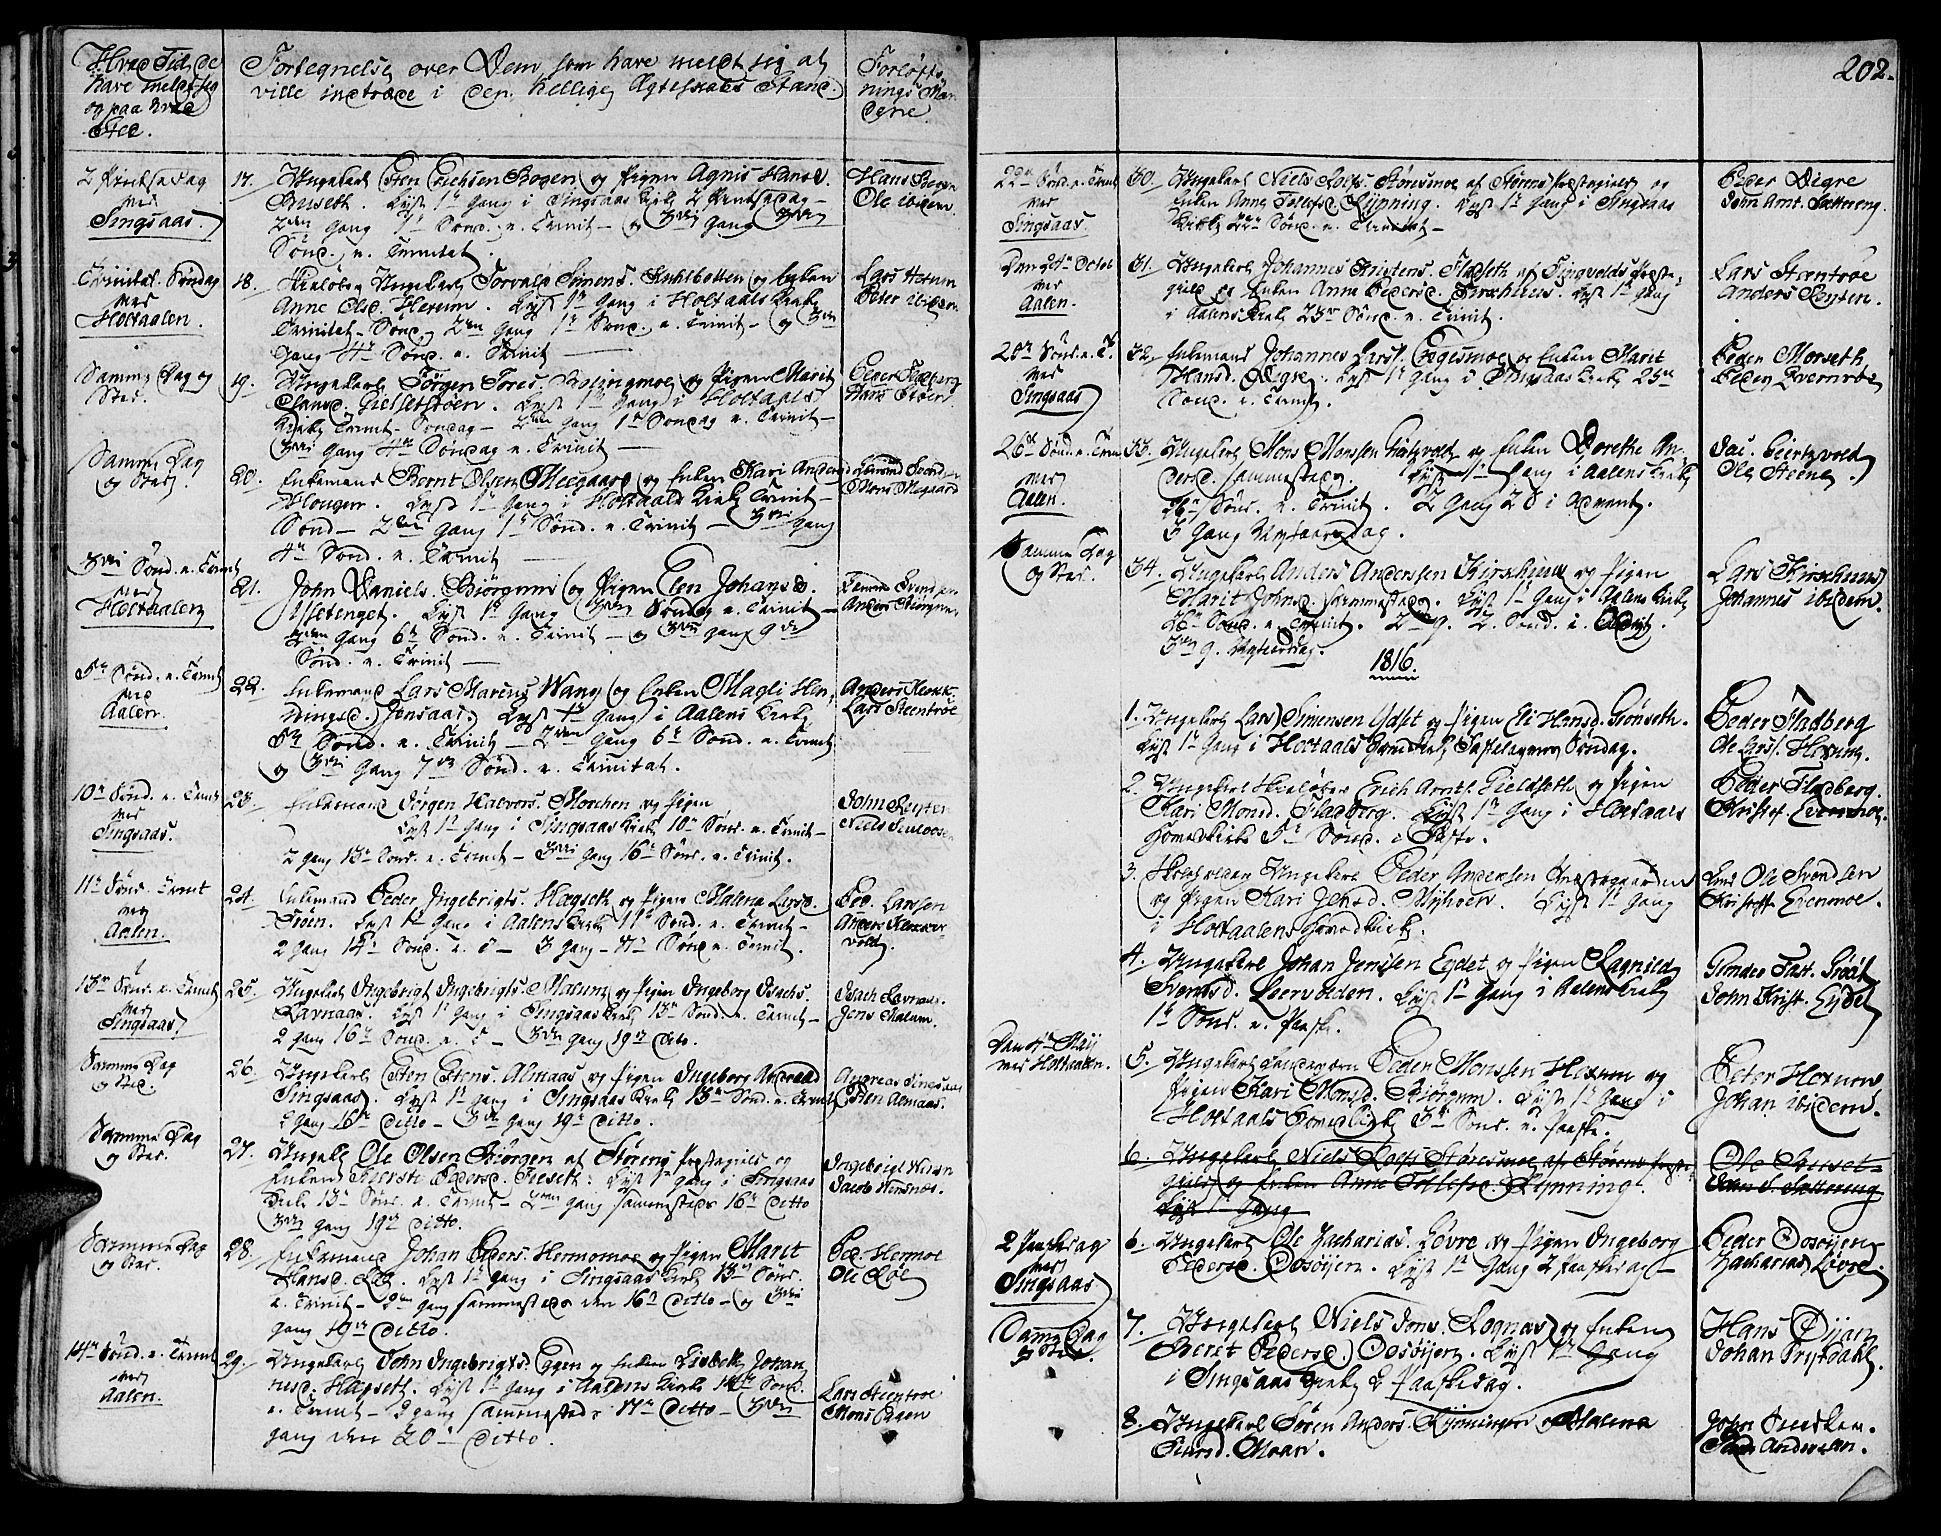 SAT, Ministerialprotokoller, klokkerbøker og fødselsregistre - Sør-Trøndelag, 685/L0953: Ministerialbok nr. 685A02, 1805-1816, s. 202